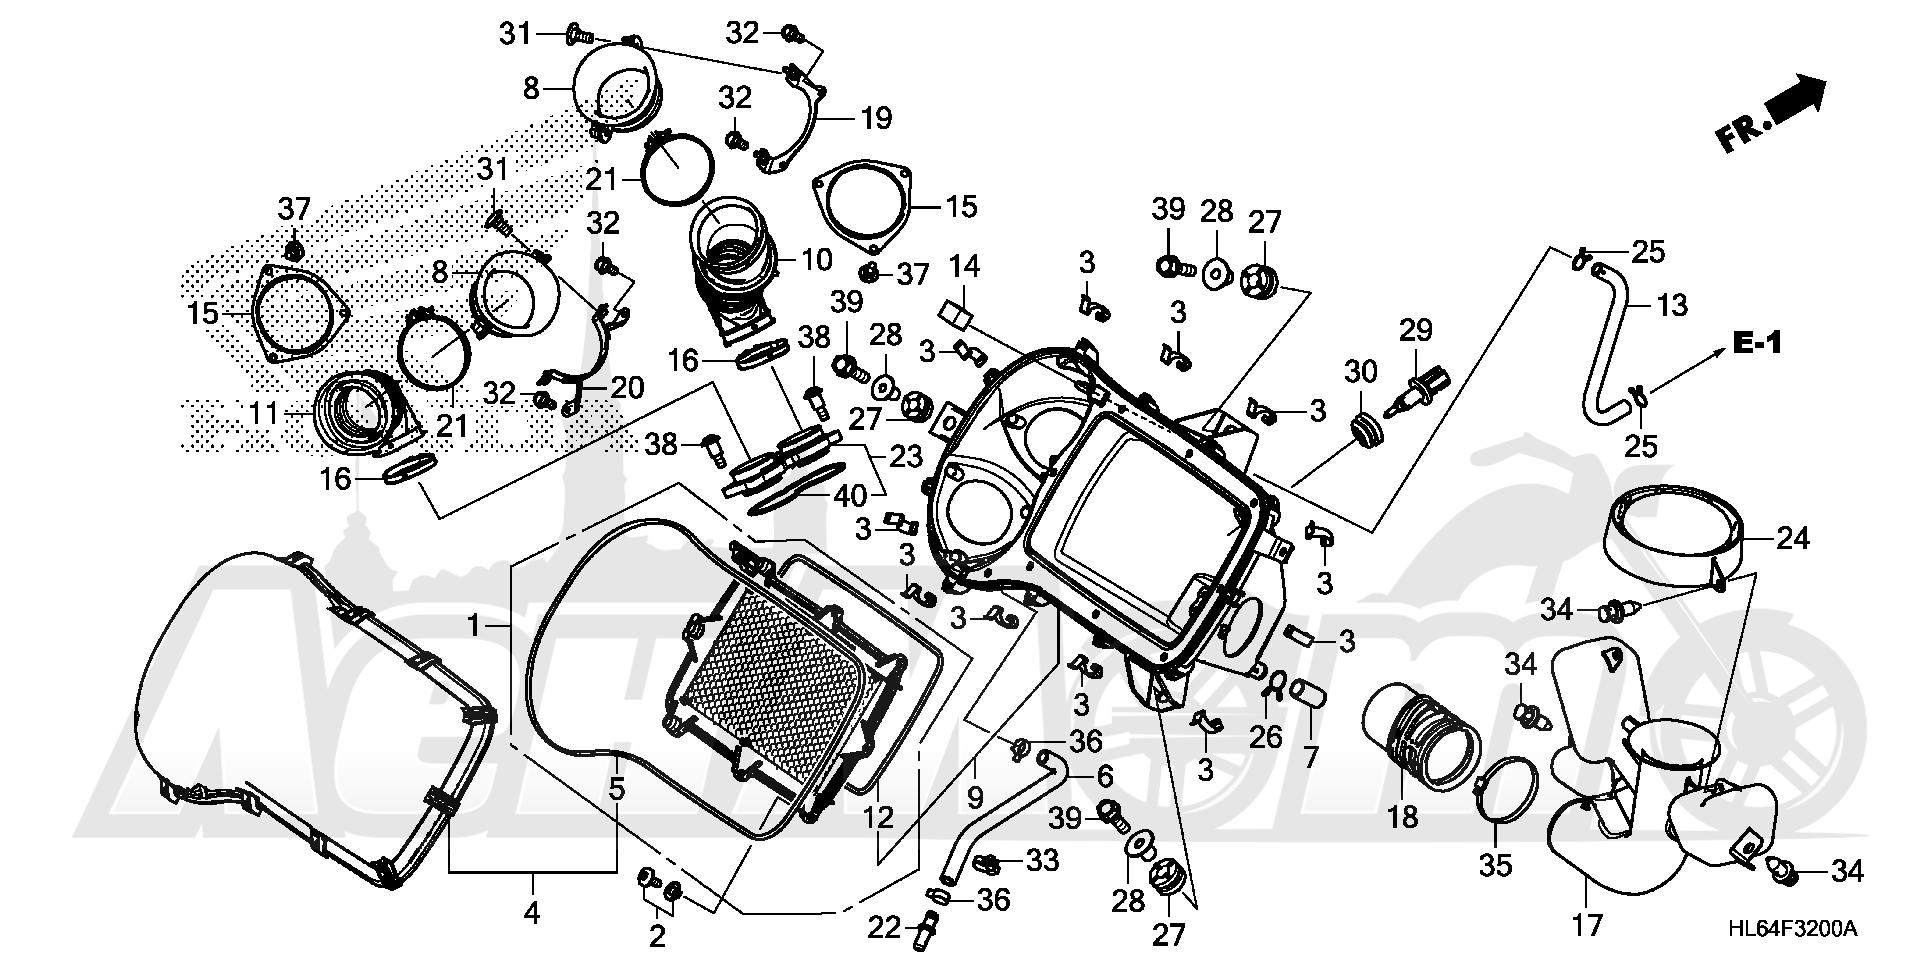 Запчасти для Квадроцикла Honda 2019 SXS1000S2R Раздел: AIR CLEANER | очиститель воздуха